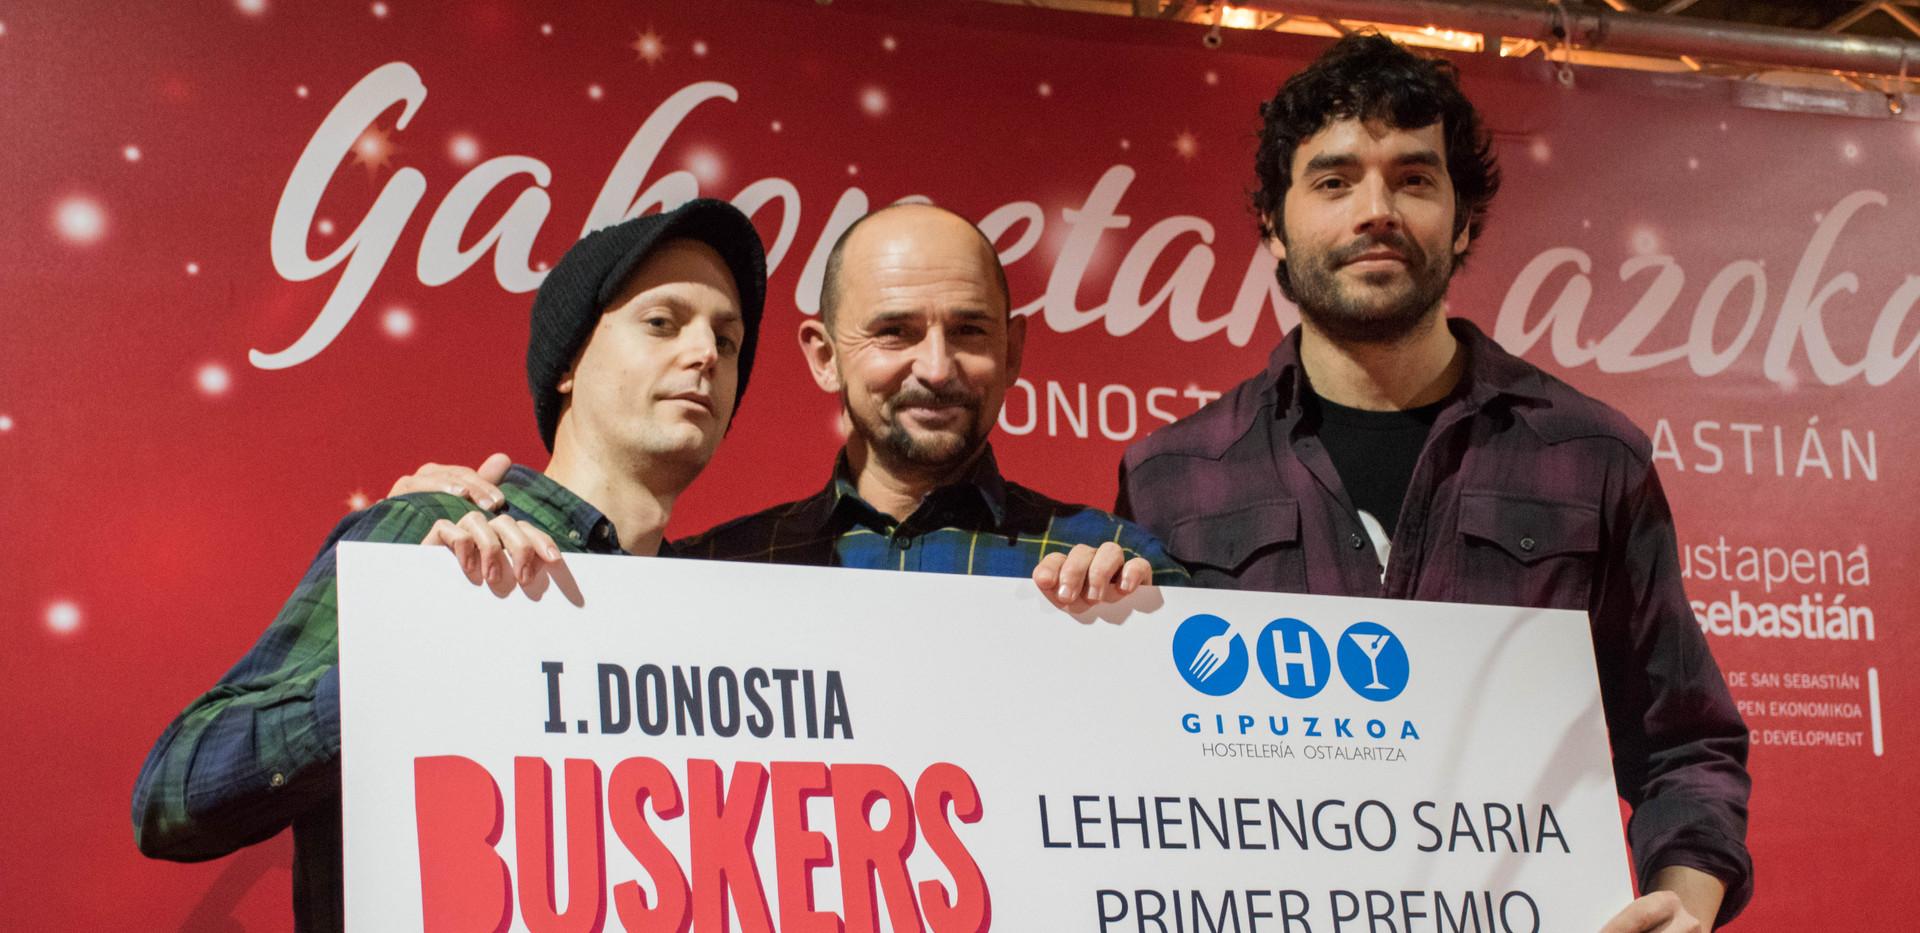 Buskers-final-7.jpg